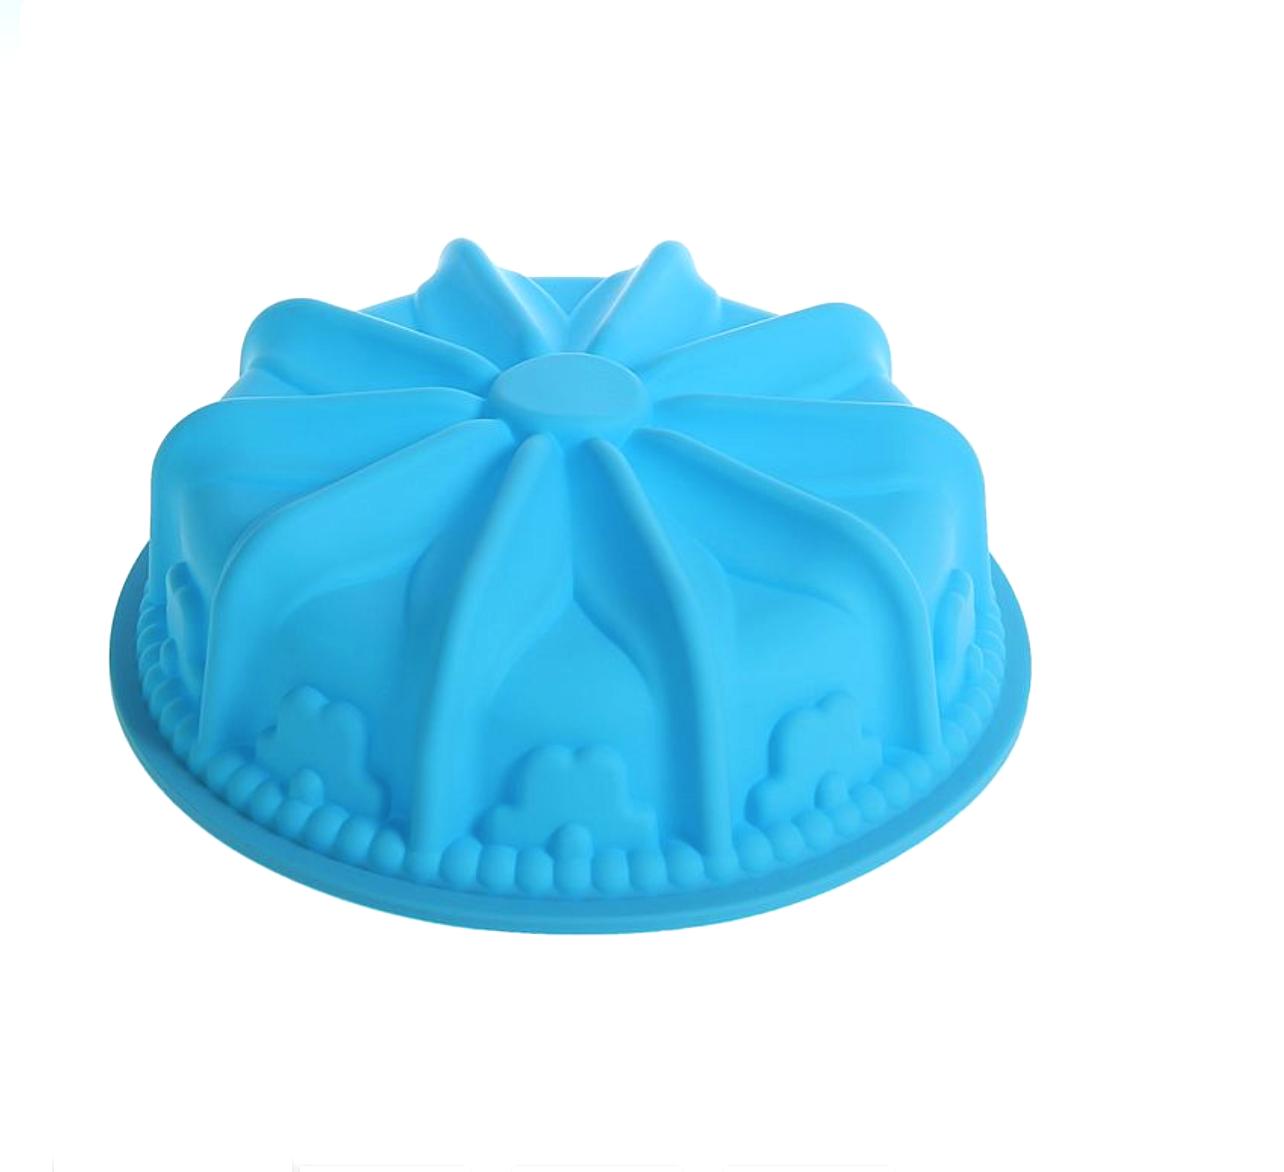 Силиконовая форма для выпечки тортов | Кекс 260 мм